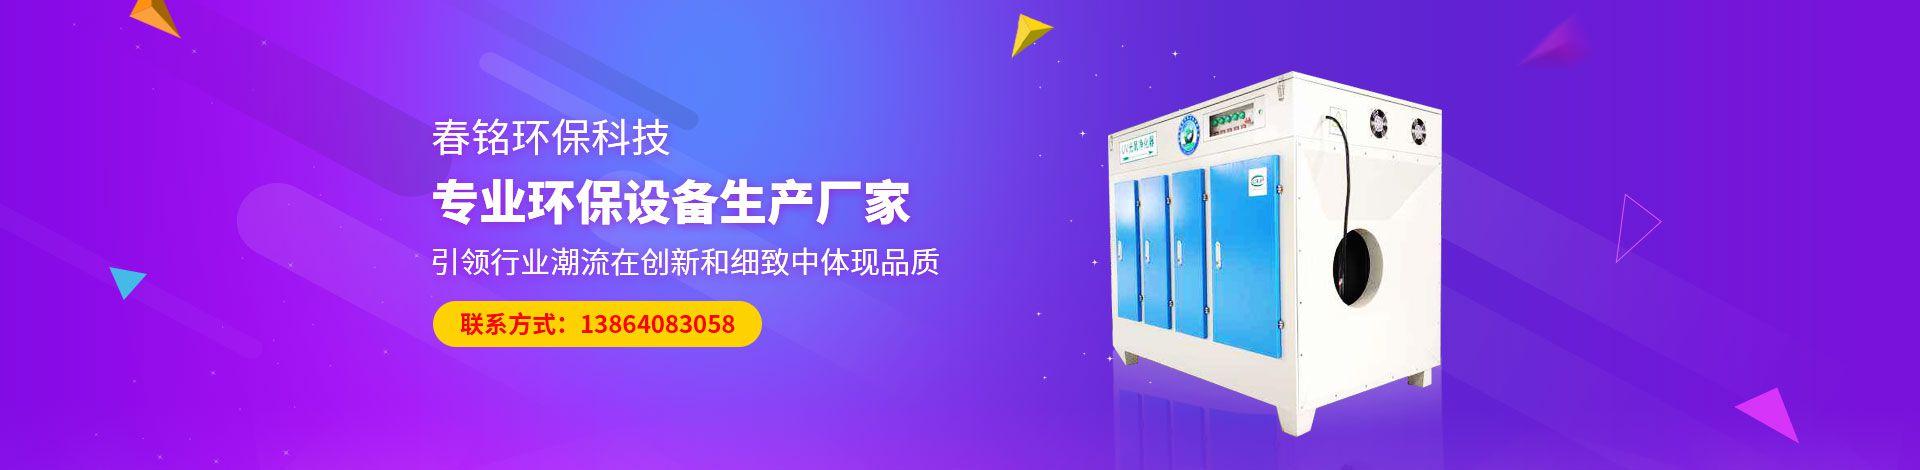 济南春铭环保科技有限公司